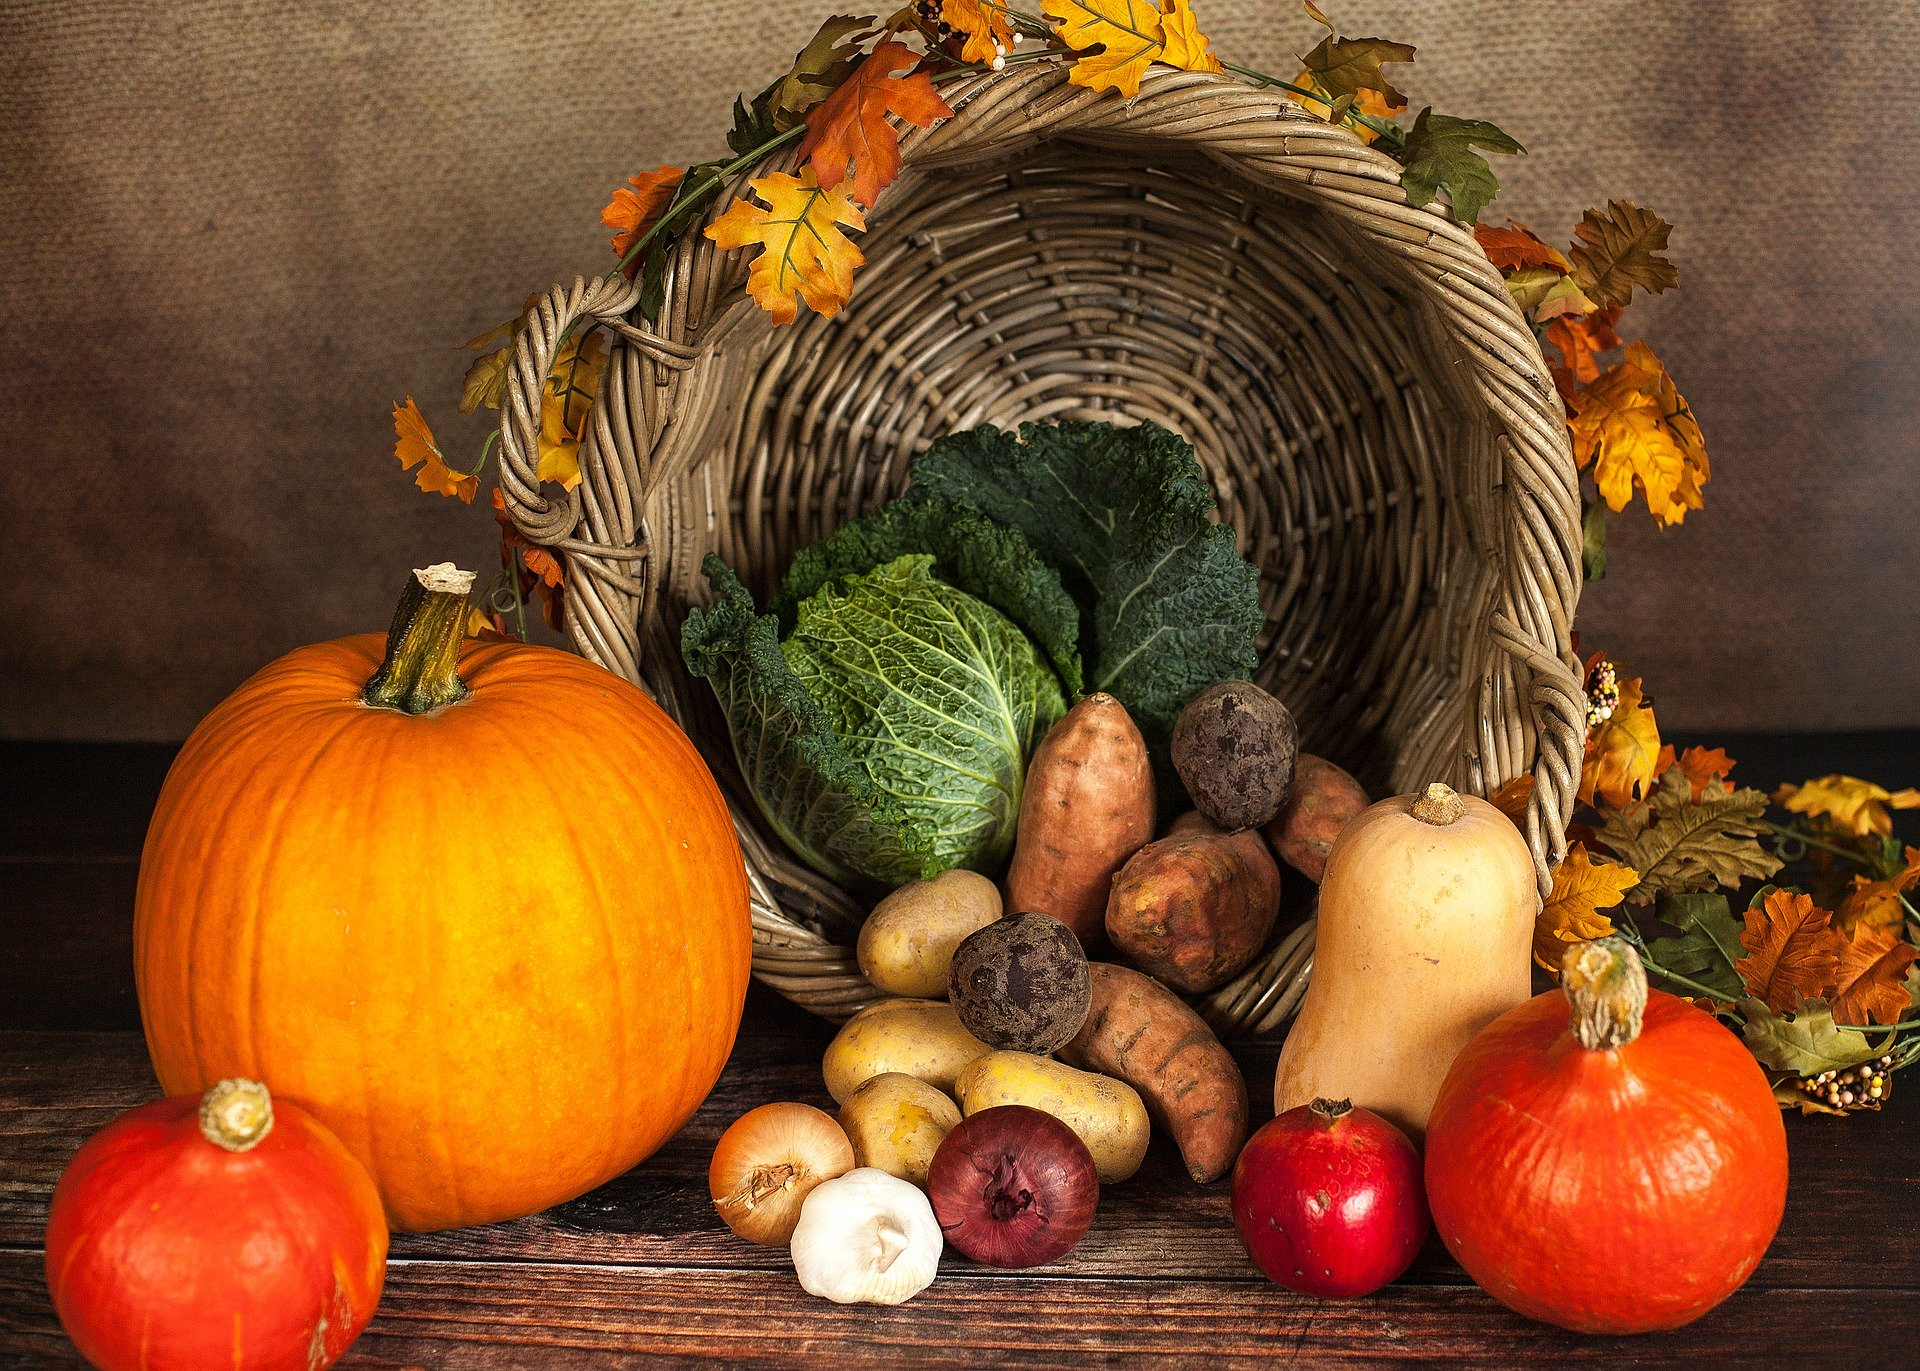 W jakie produkty powinna być bogata nasza dieta w okresie jesienno-zimowym